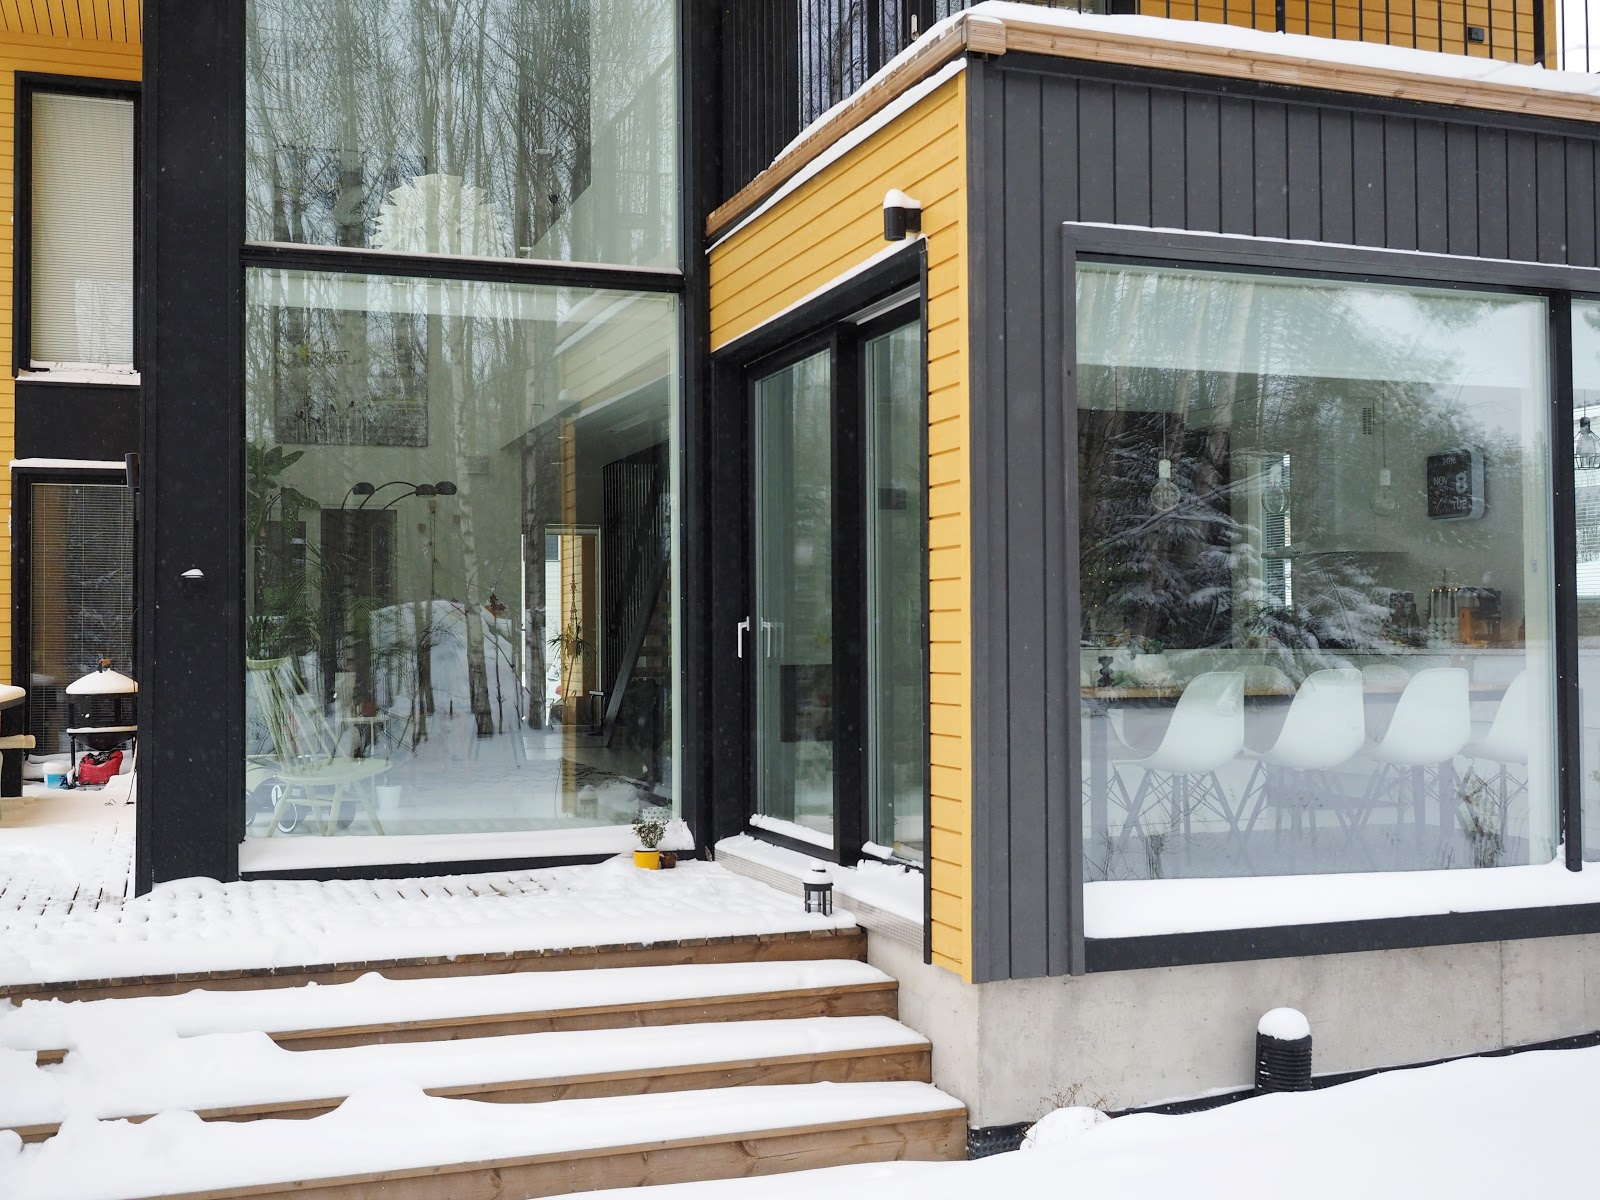 Talo, ikkunat, moderni koti, luminen maisema